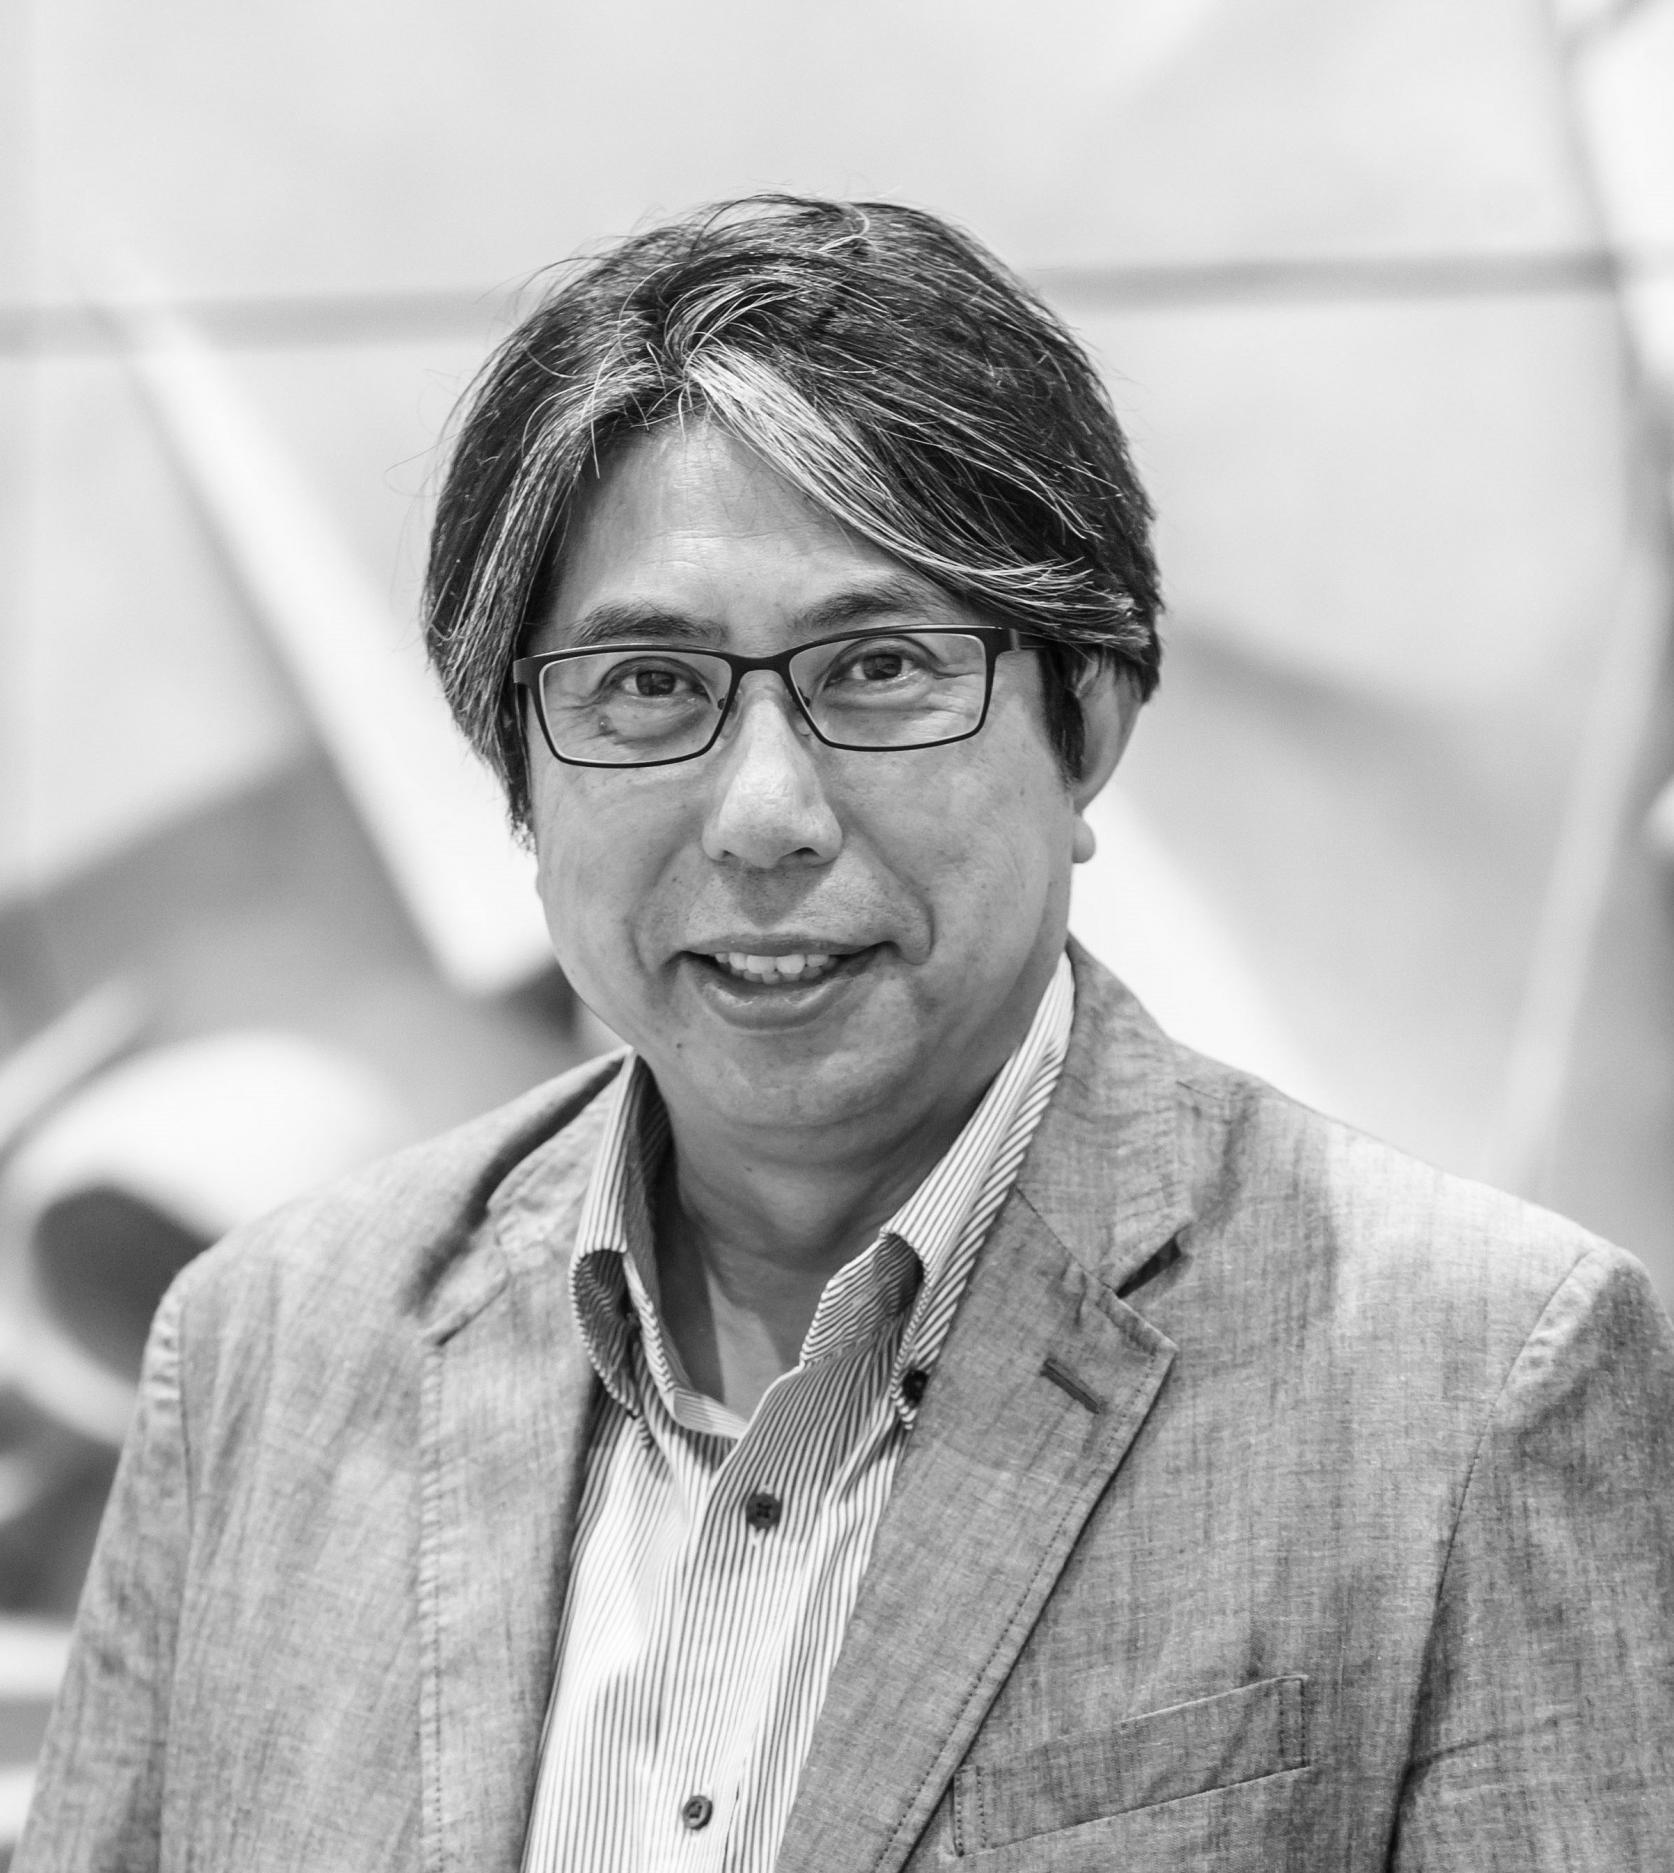 第35回日本大学理工学部図書館公開講座『水都・江戸は,こうして創られた』